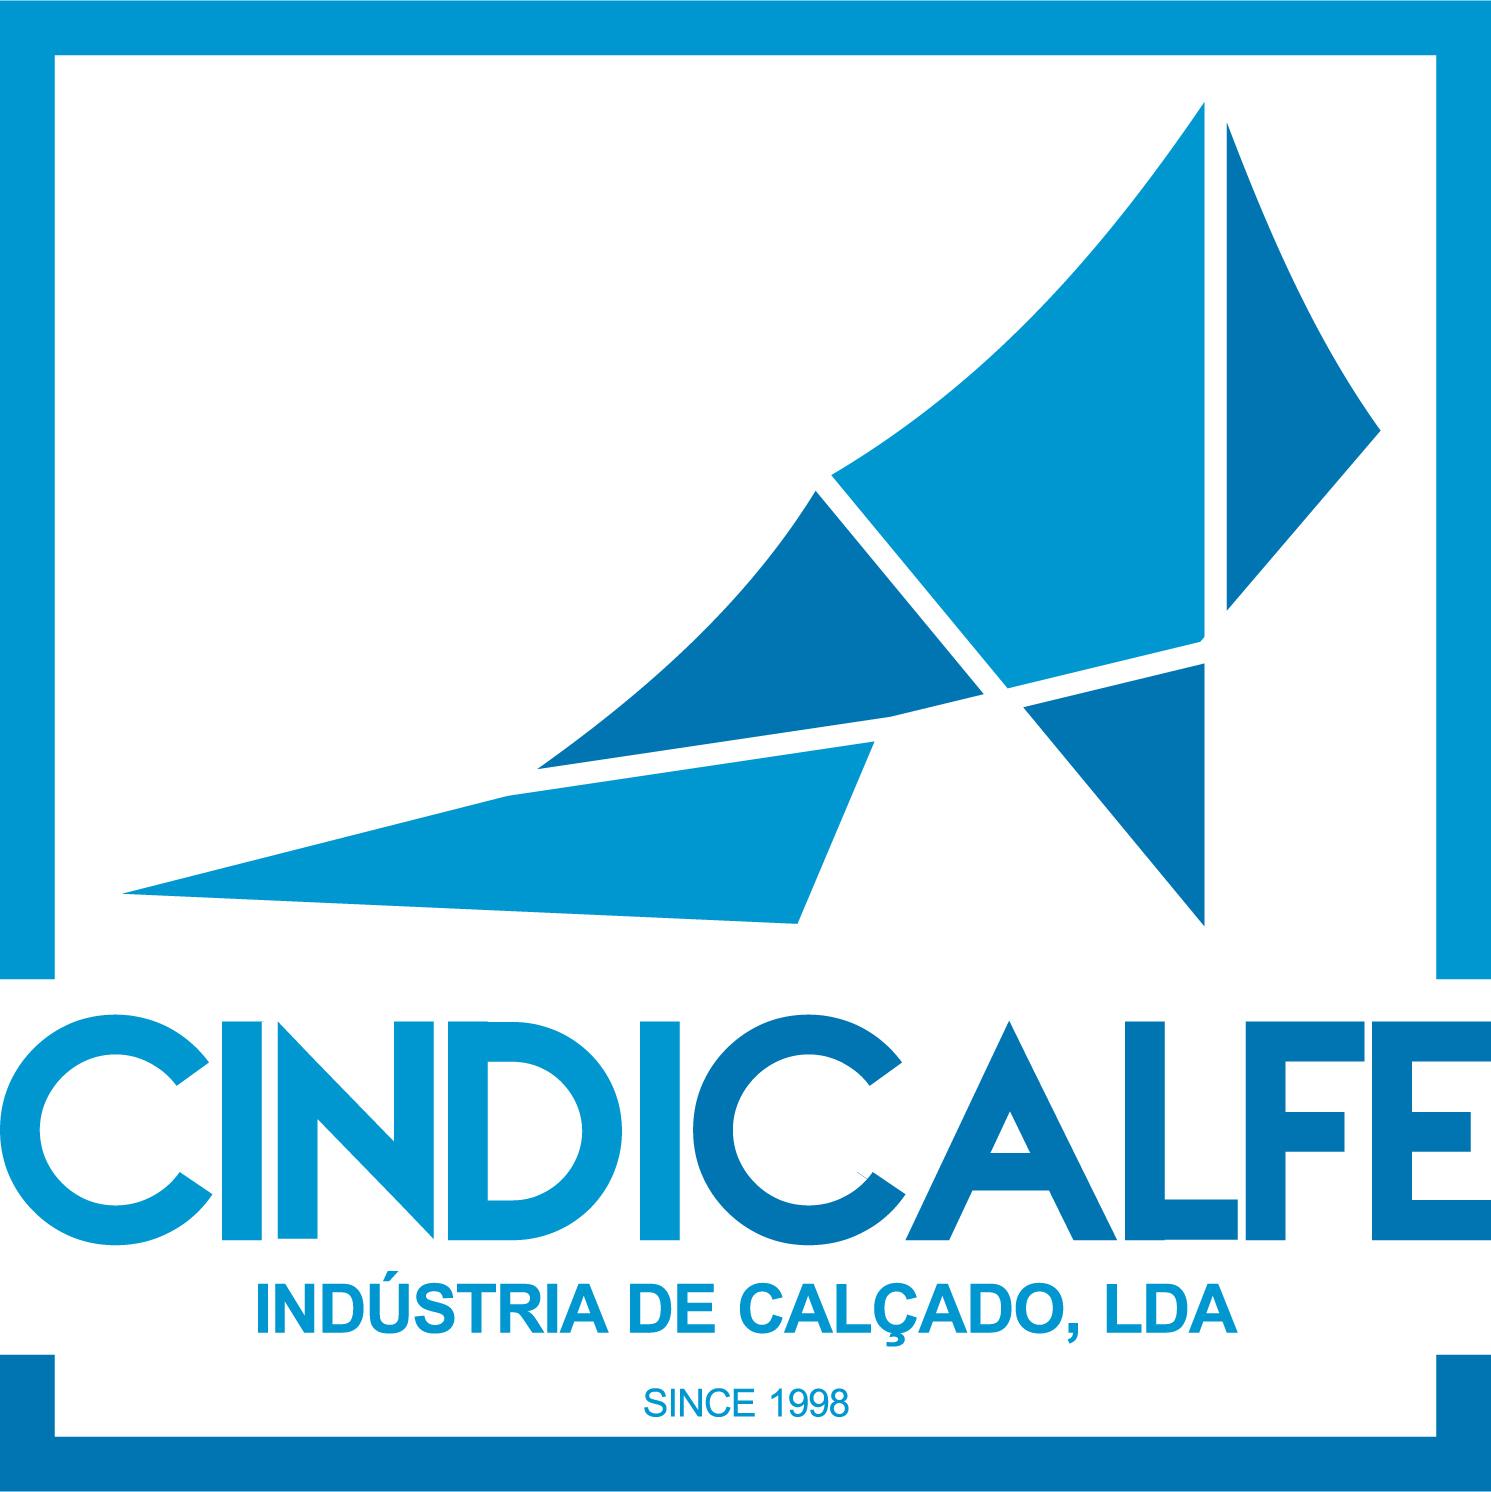 Cindicalfe - Indústria de Calçado